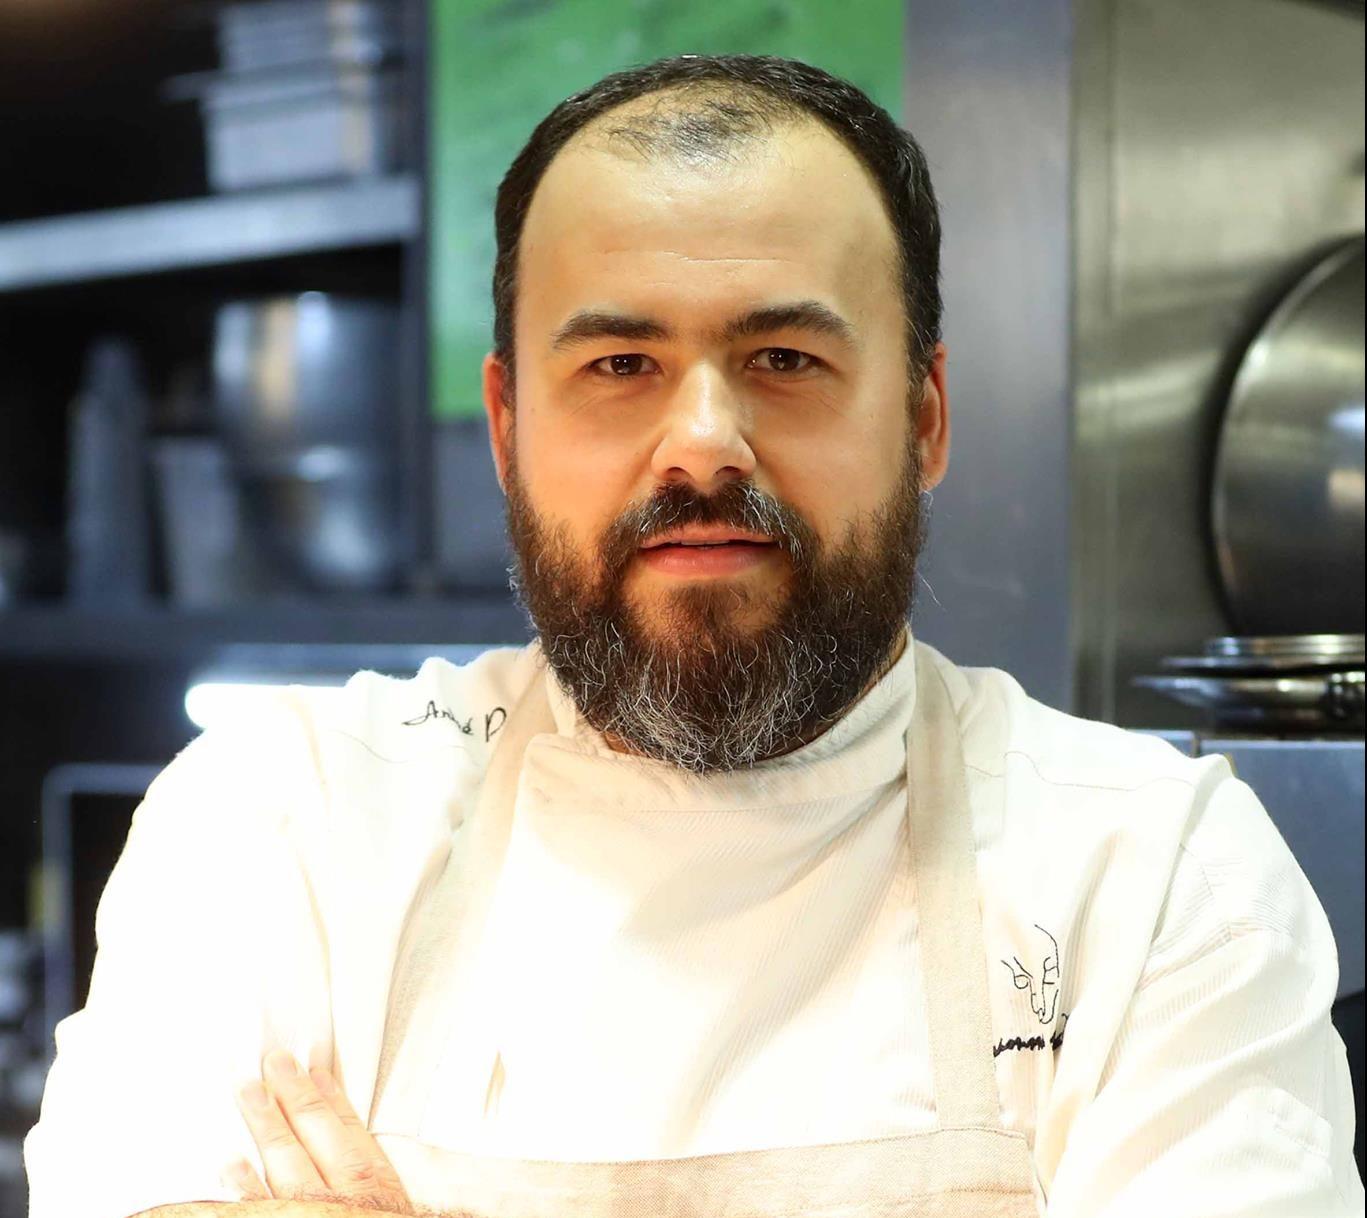 André Portas